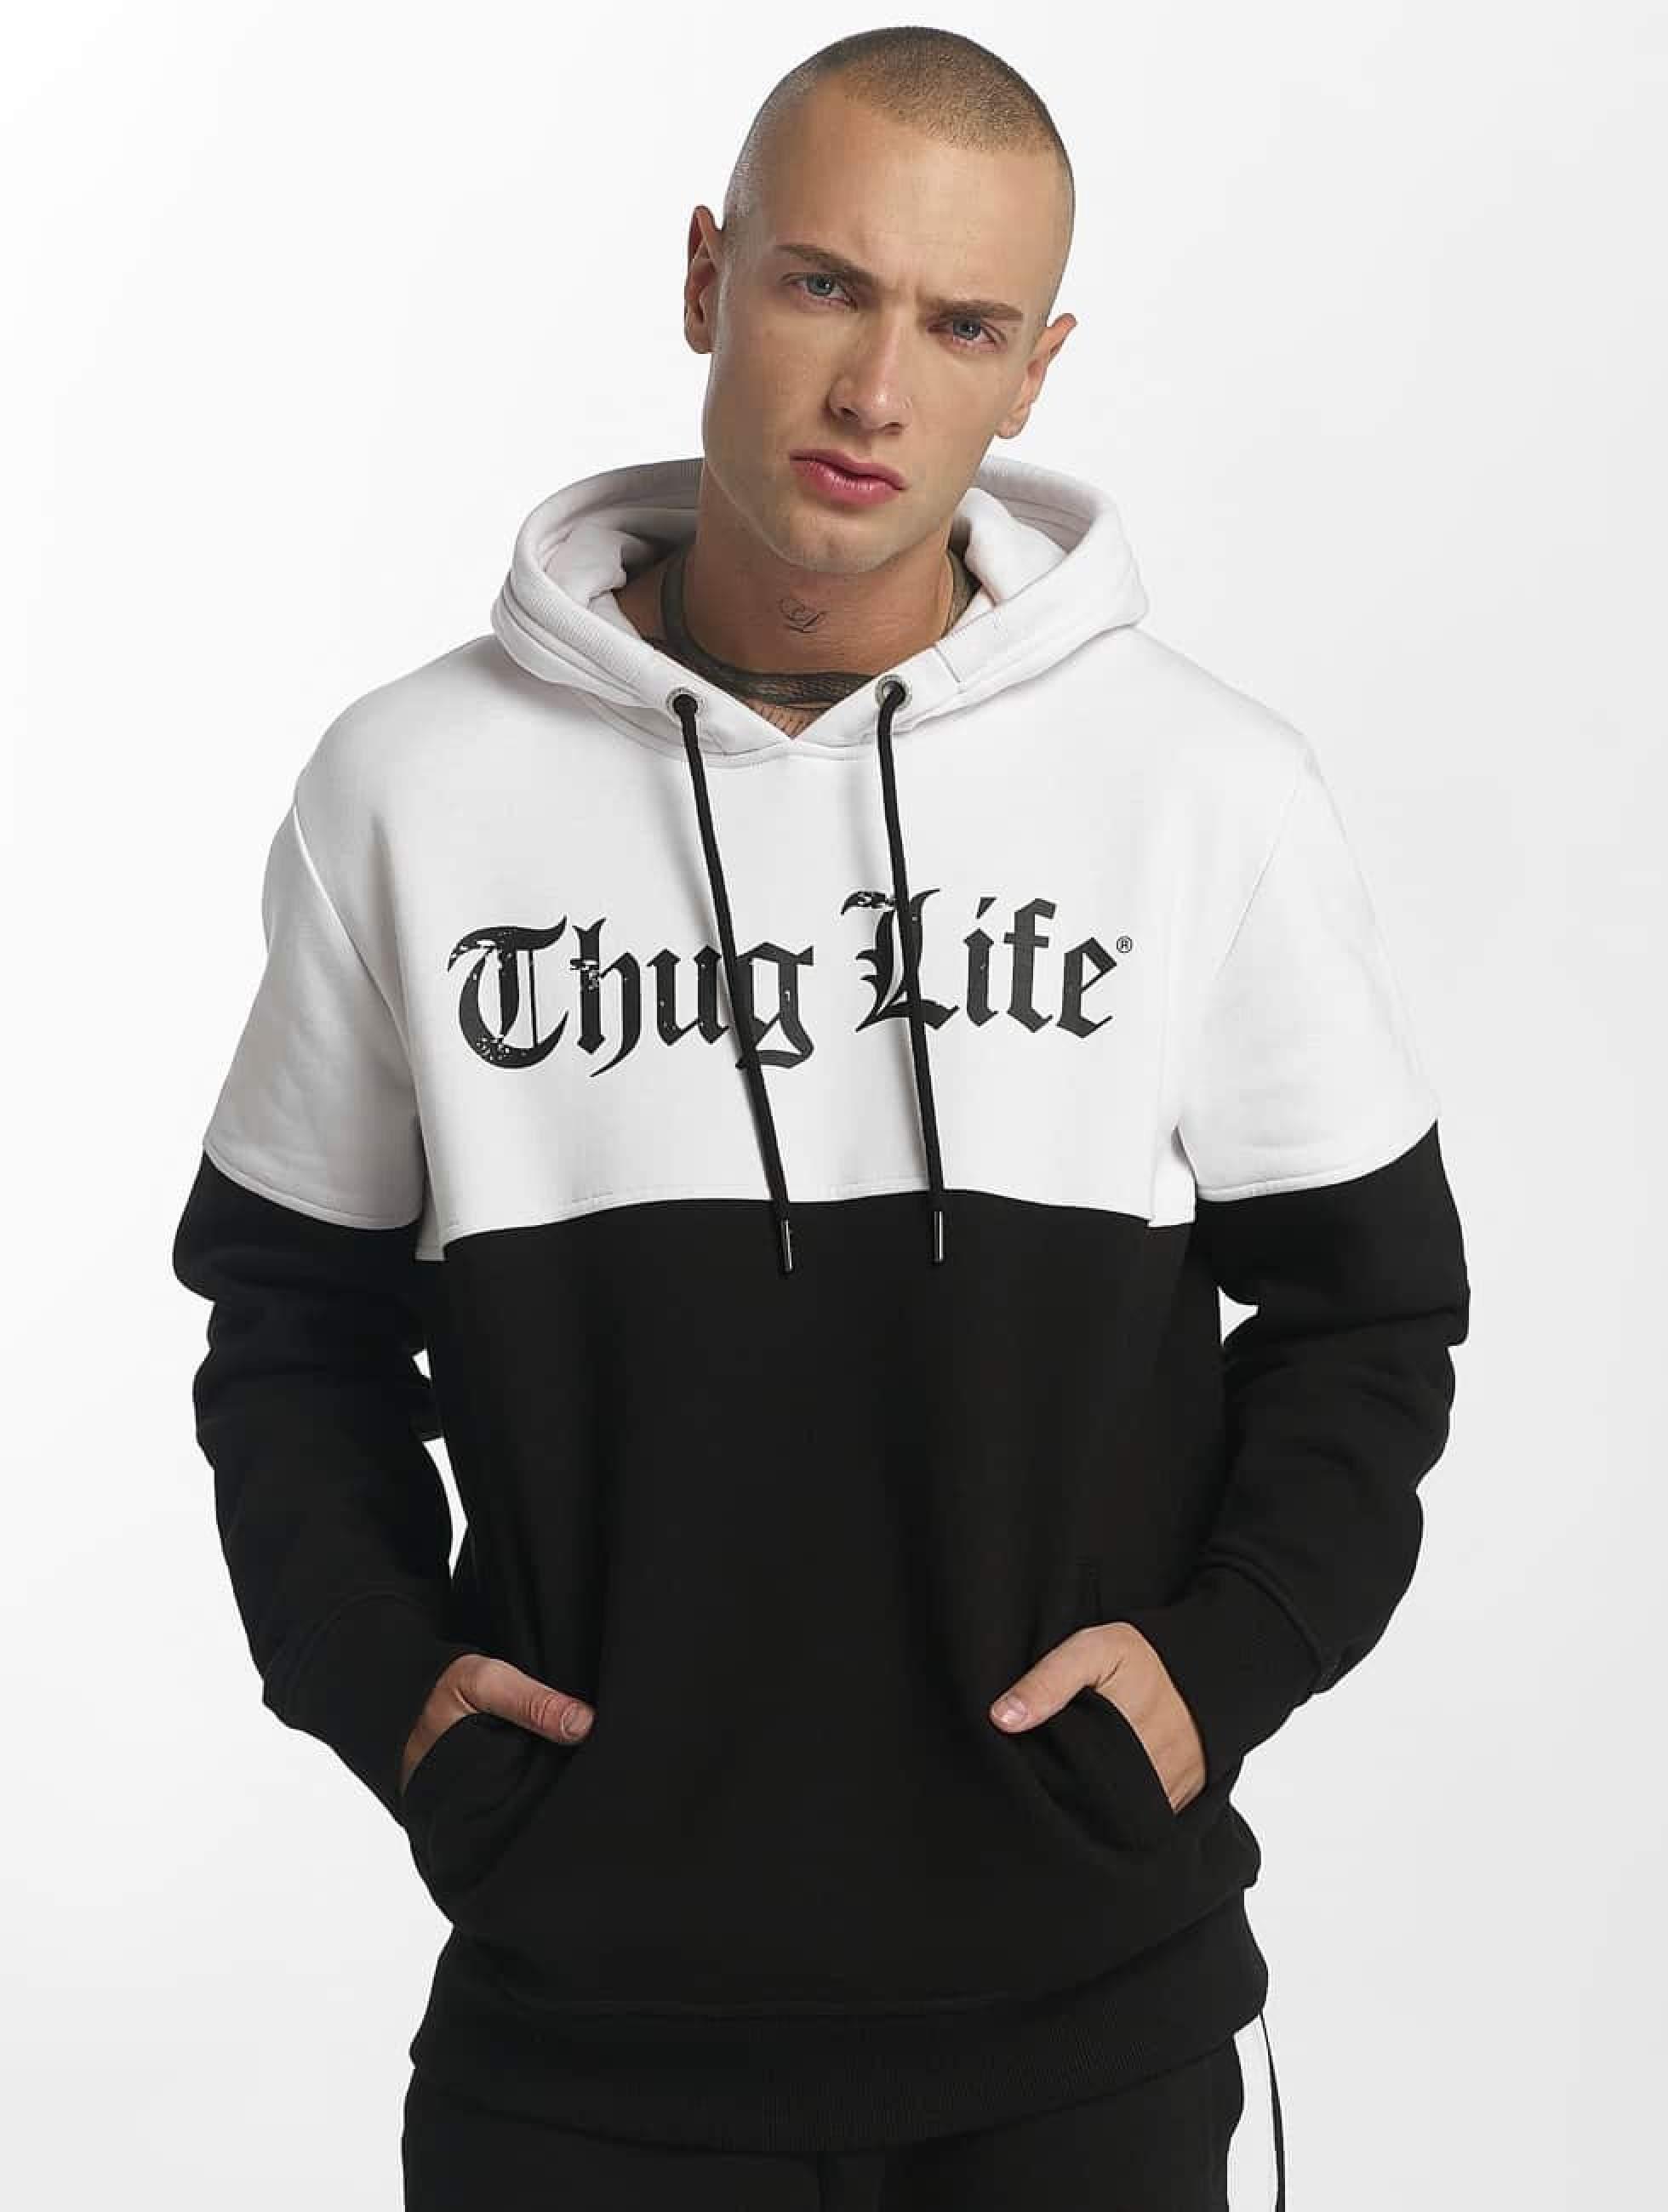 Thug Life / Hoodie Koyote in black 2XL